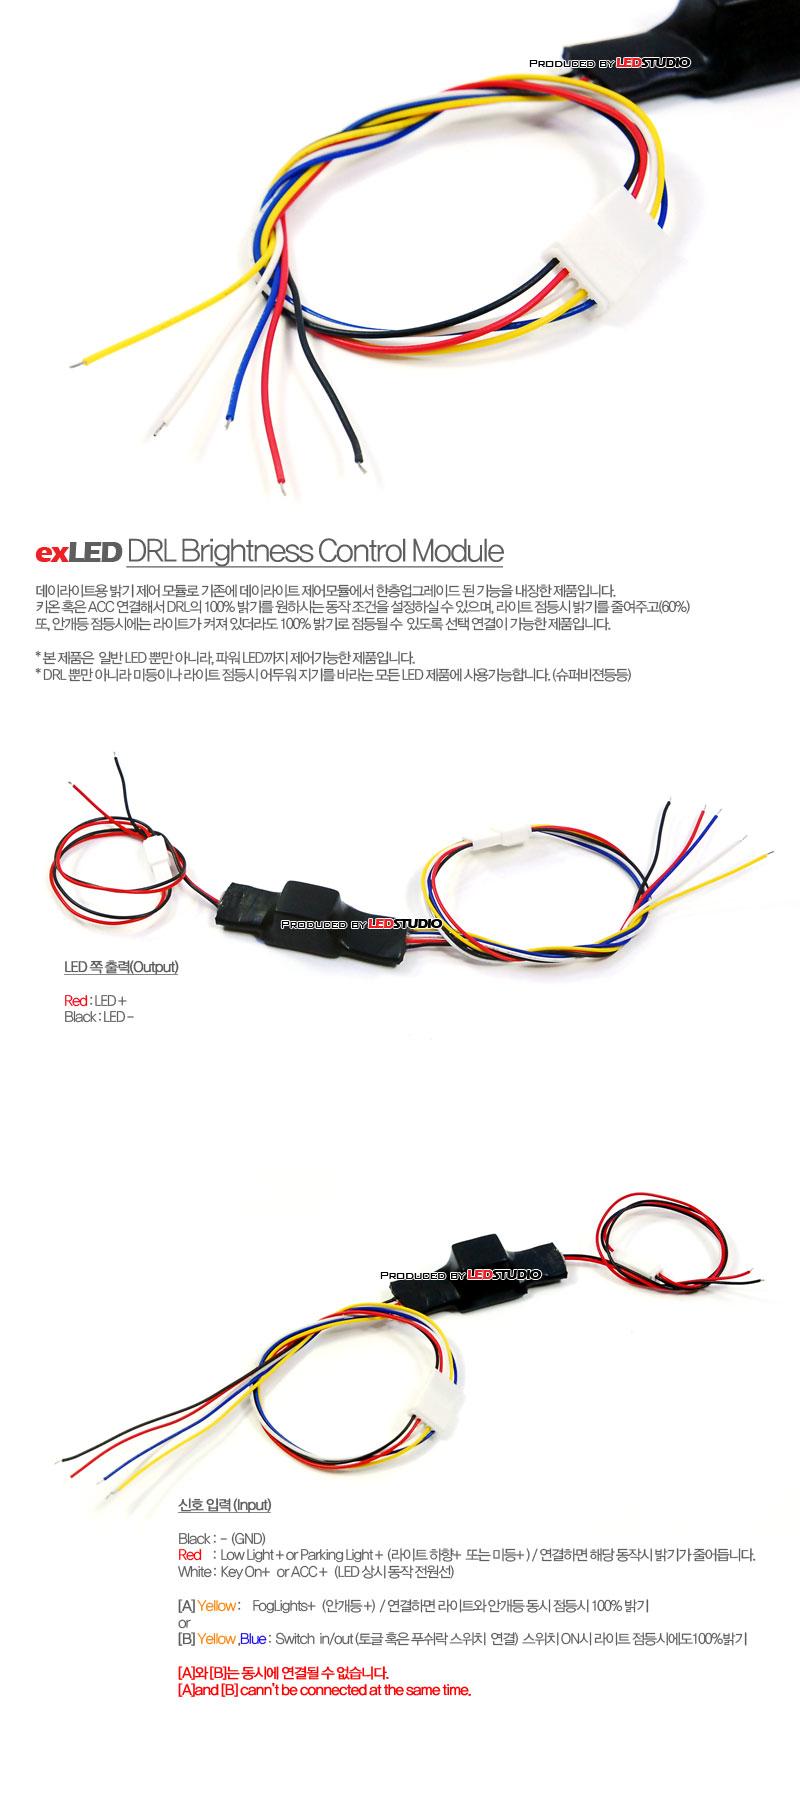 exLED 데이라이트 밝기 자동 제어 모듈